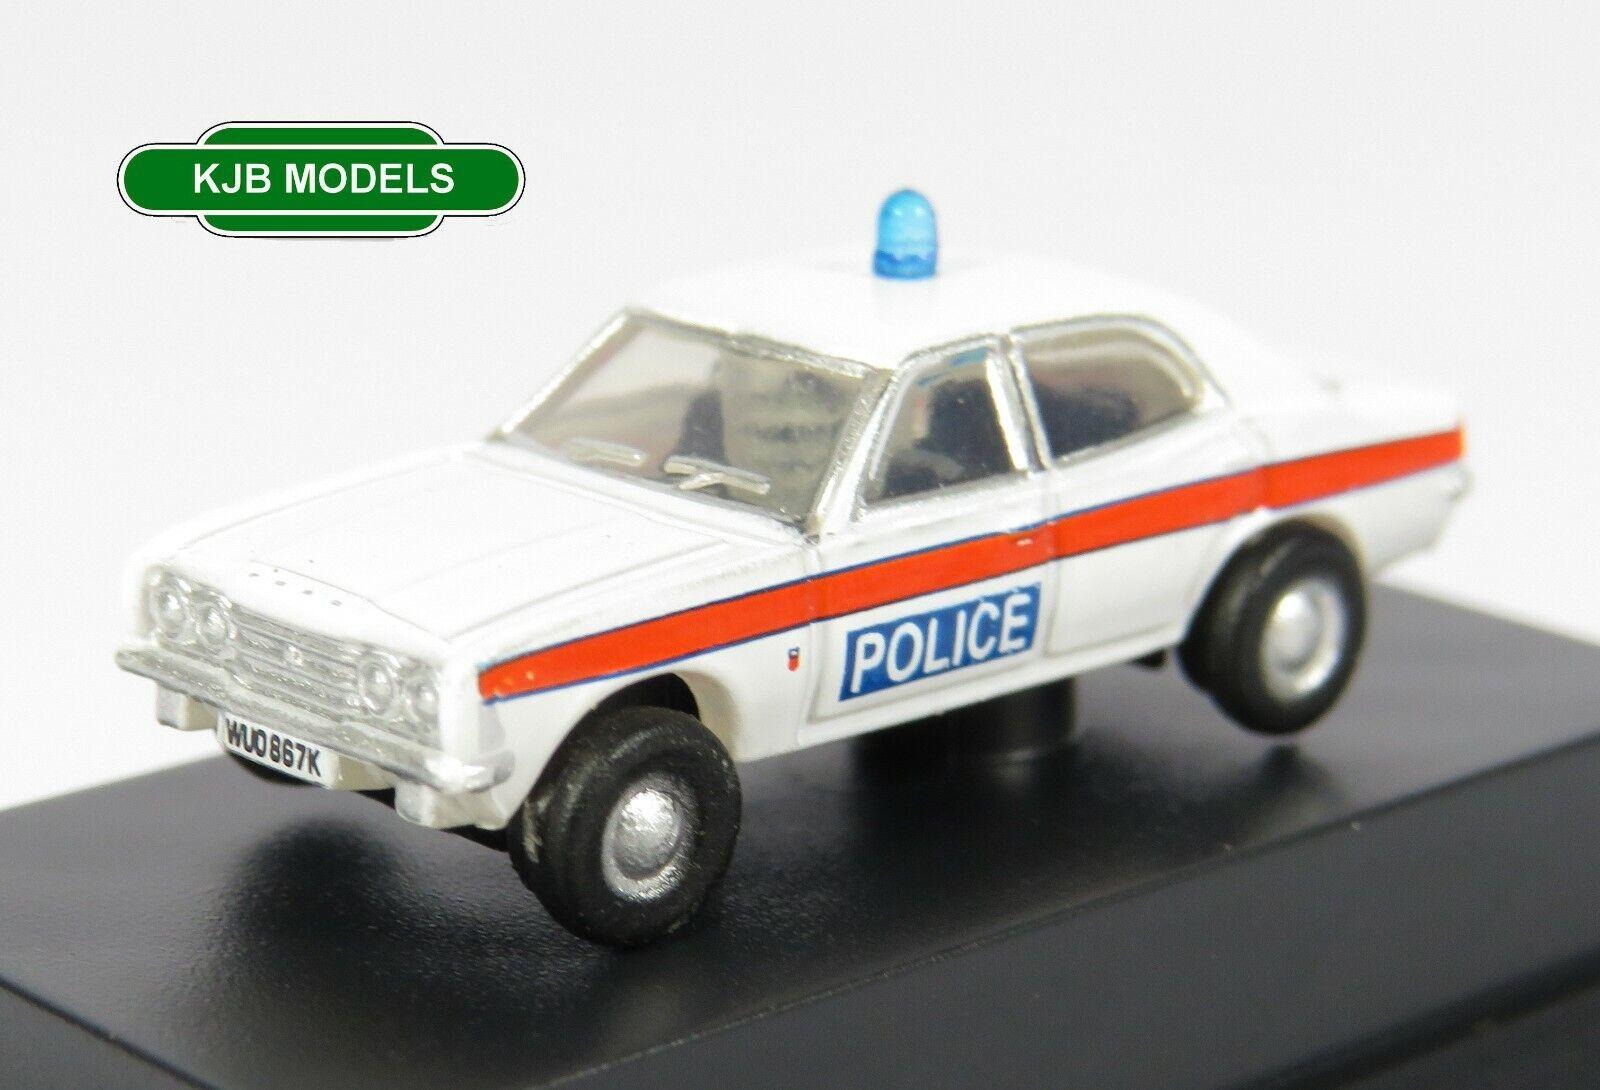 BNIB N GAUGE OXFORD 1:148 NCOR3004 Ford Cortina Mk3 Devon & Cornwall Police Car